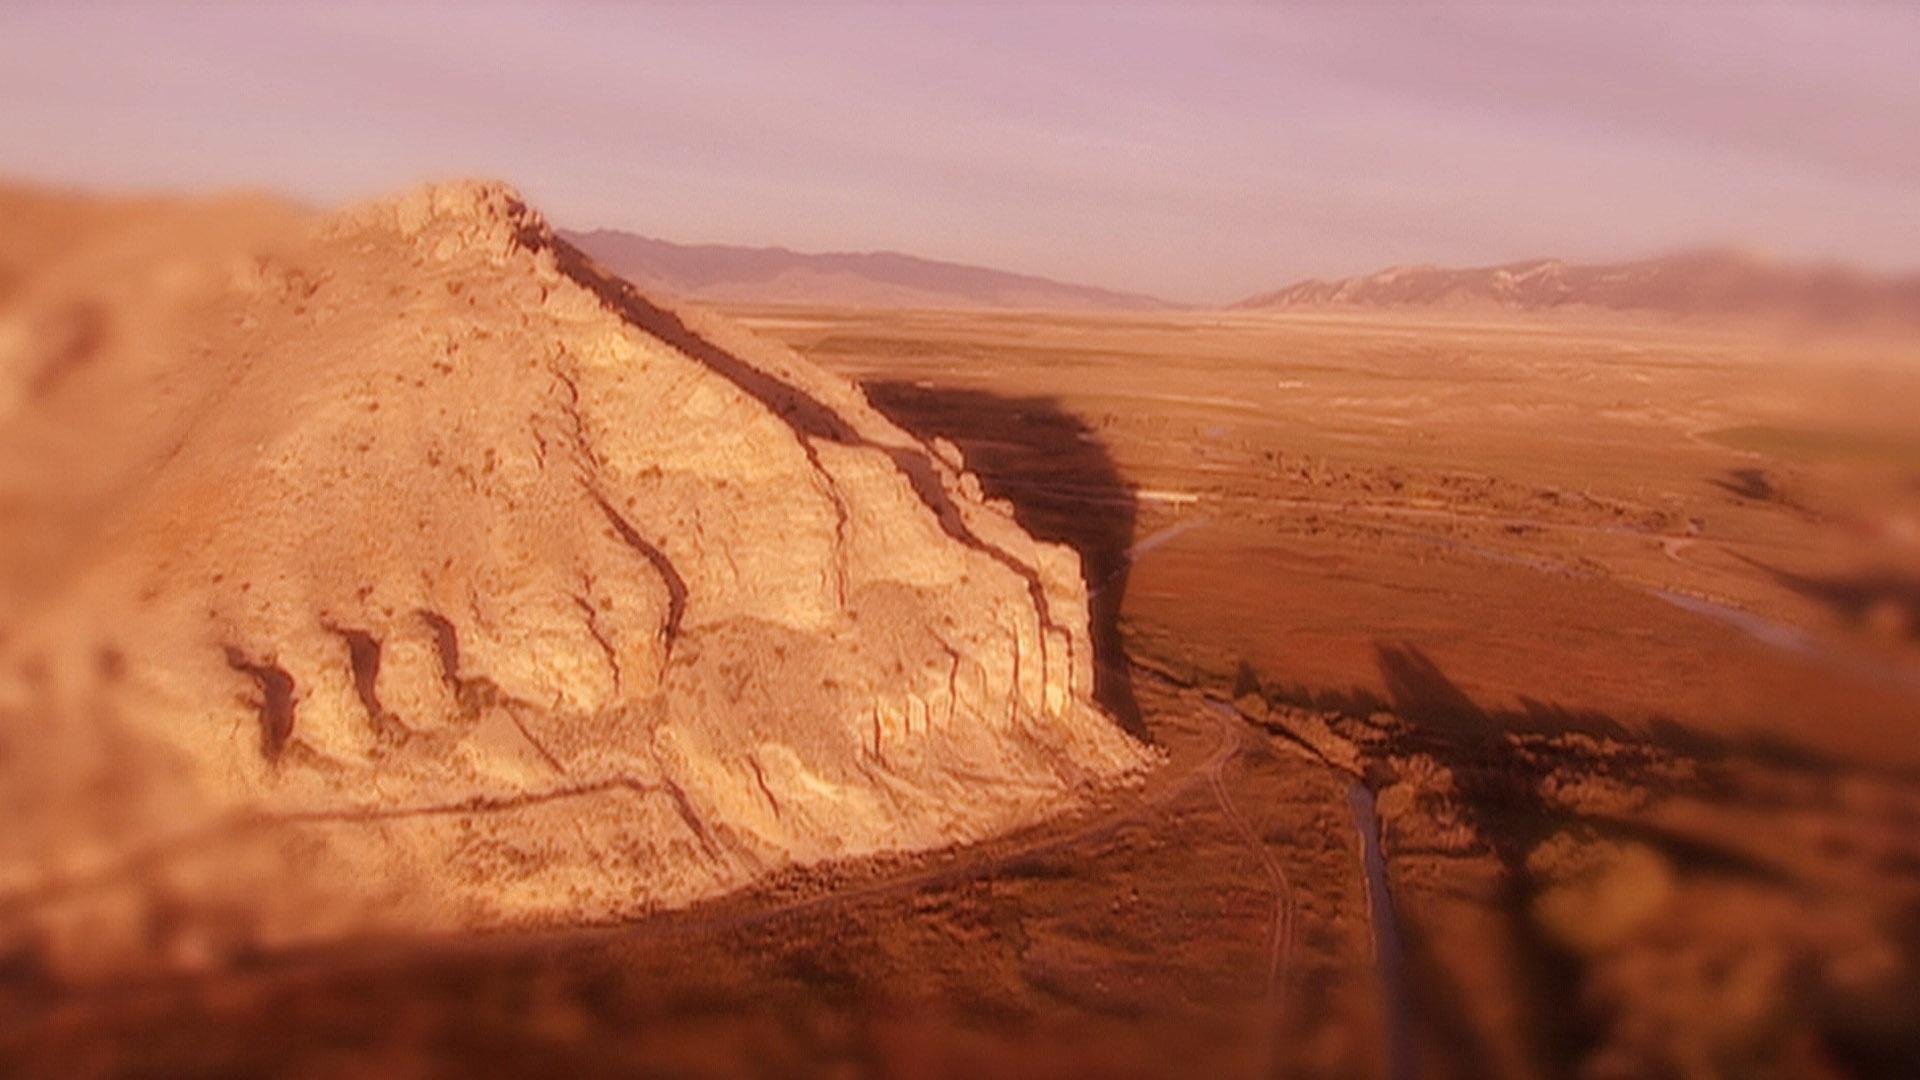 Beaverhead Rock (Journals of Lewis and Clark)